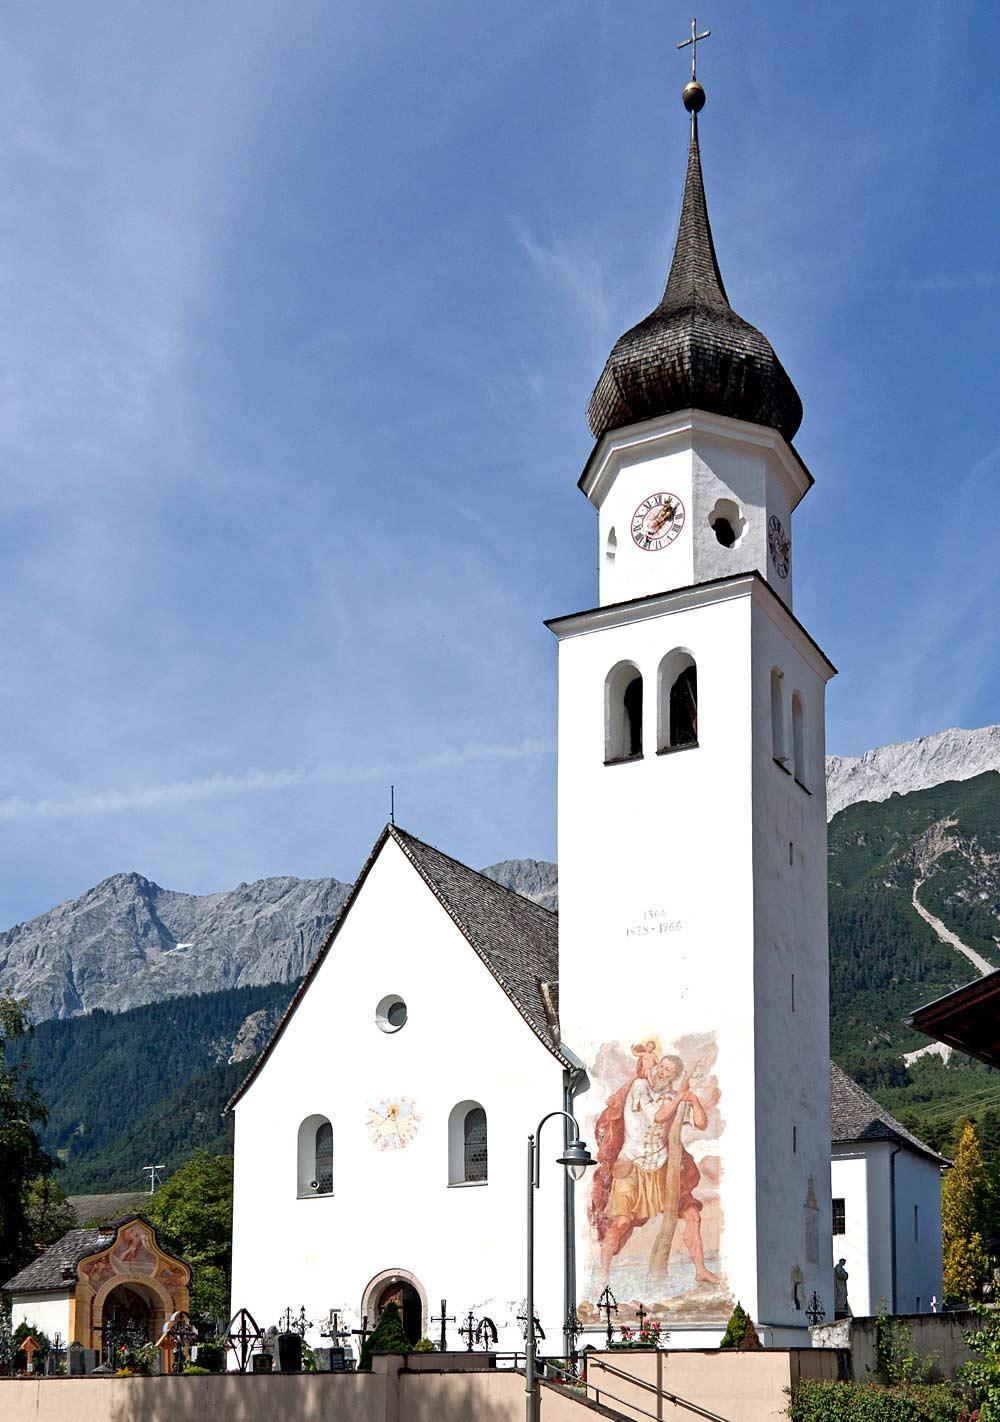 Außenansicht der Pfarrkirche St. Nikolaus in Wildermieming